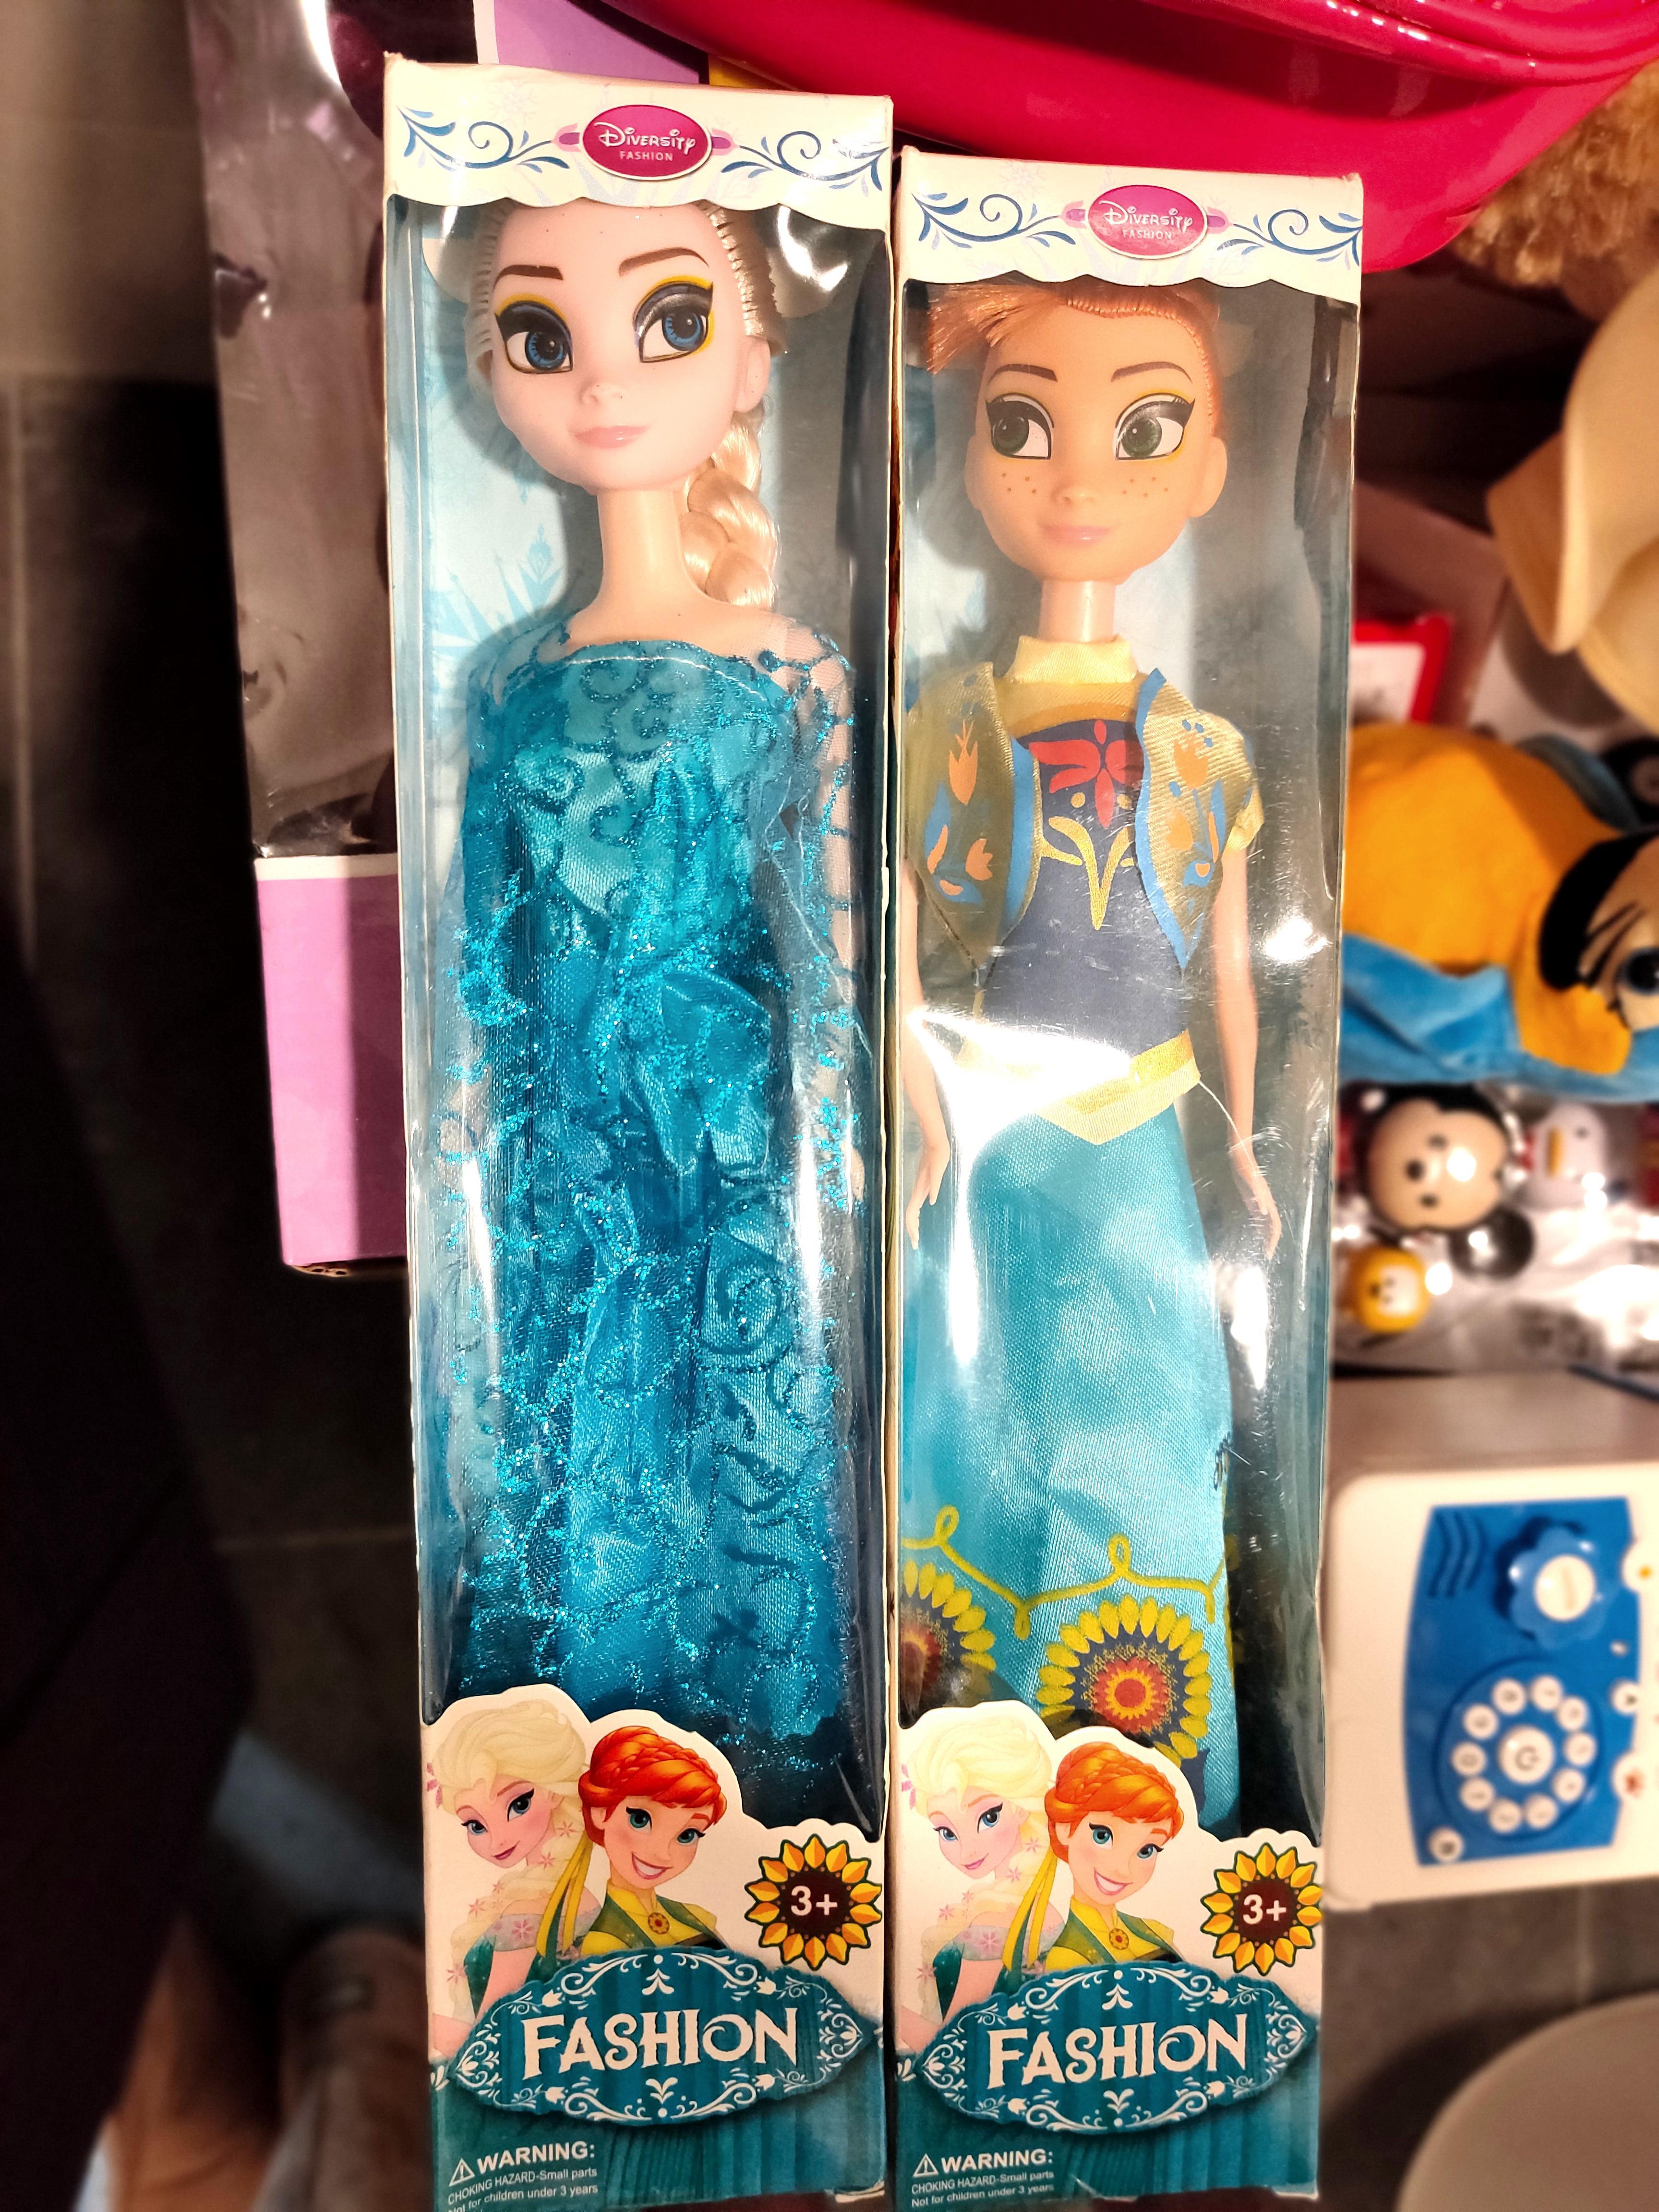 冰雪奇緣娃娃玩具艾莎公主安娜套裝娃娃女孩玩具愛莎公主